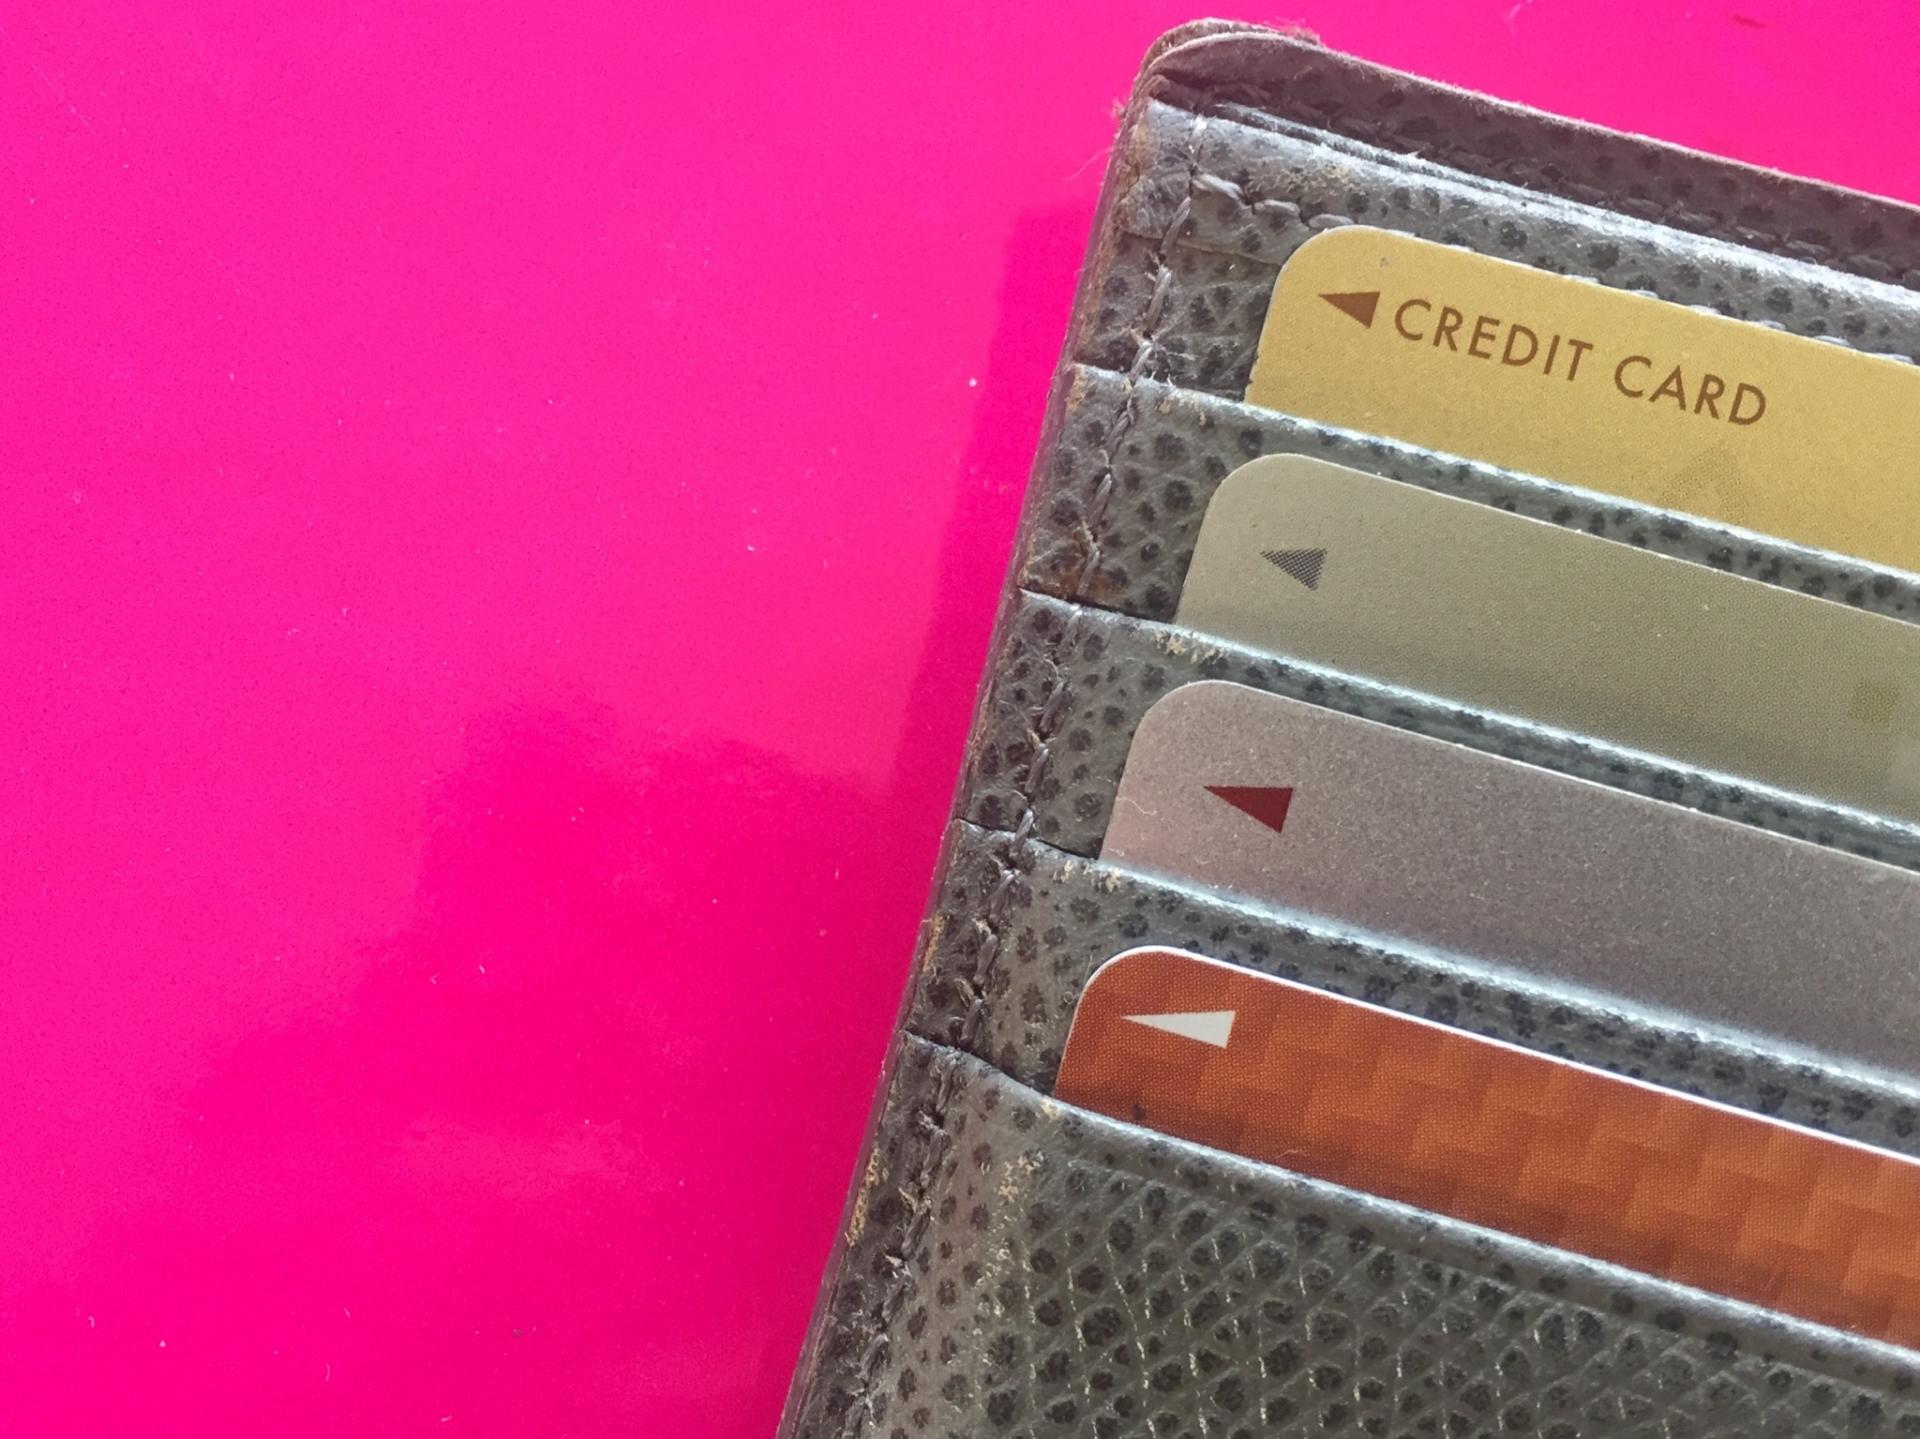 カードがたくさん入るレディース向け長財布ランキング